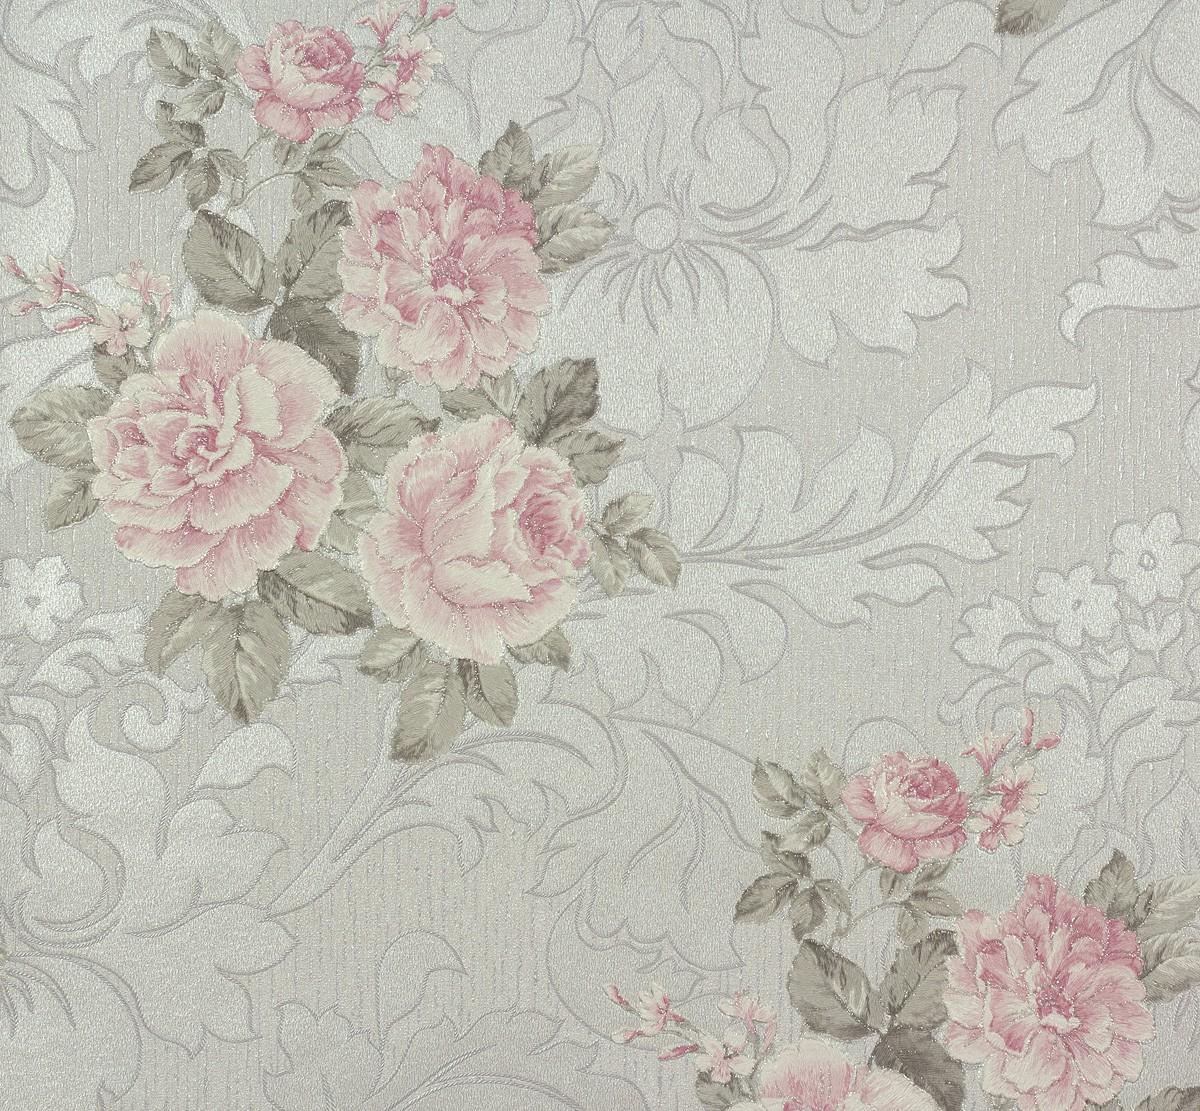 Vliestapete Floral lila rosa silber Tapete P+S Como 02367 ...